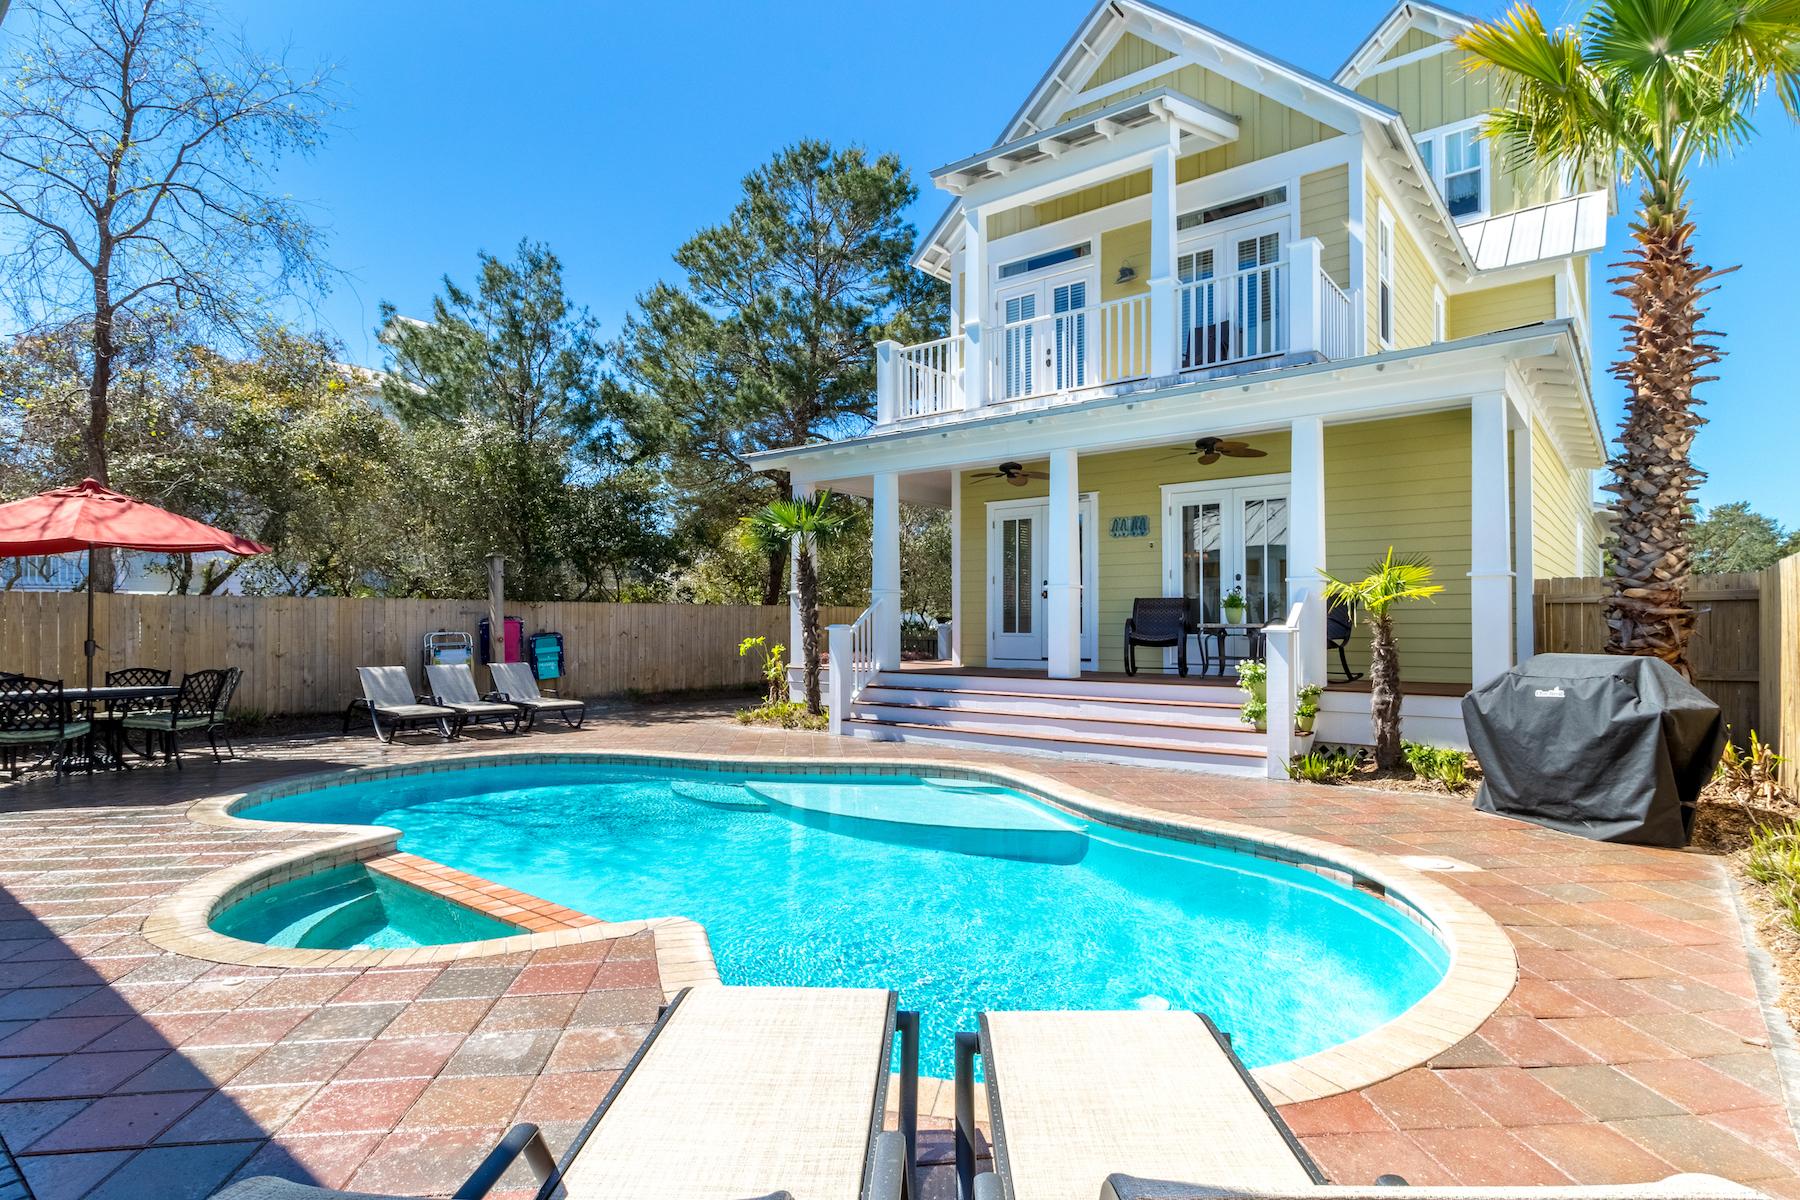 단독 가정 주택 용 매매 에 Sleeps 18 and Has Large Private Pool in Crystal Beach 91 Barracuda Street, Destin, 플로리다, 32541 미국